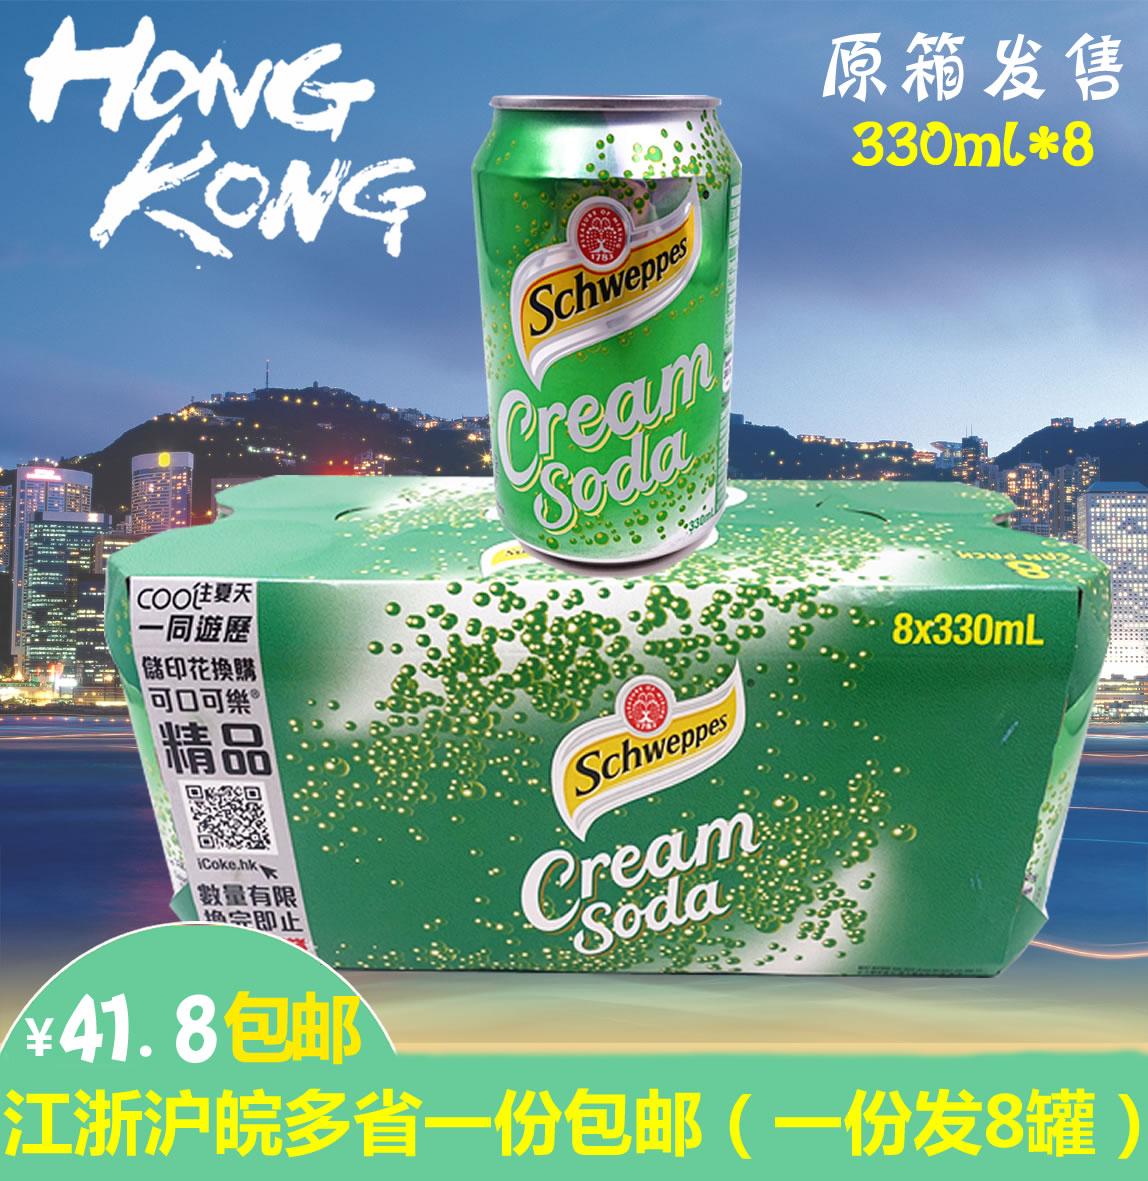 [淘寶網] 香港進口玉泉忌廉蘇打奶油汽水330ml*8罐原包裝江浙滬皖多省 包郵